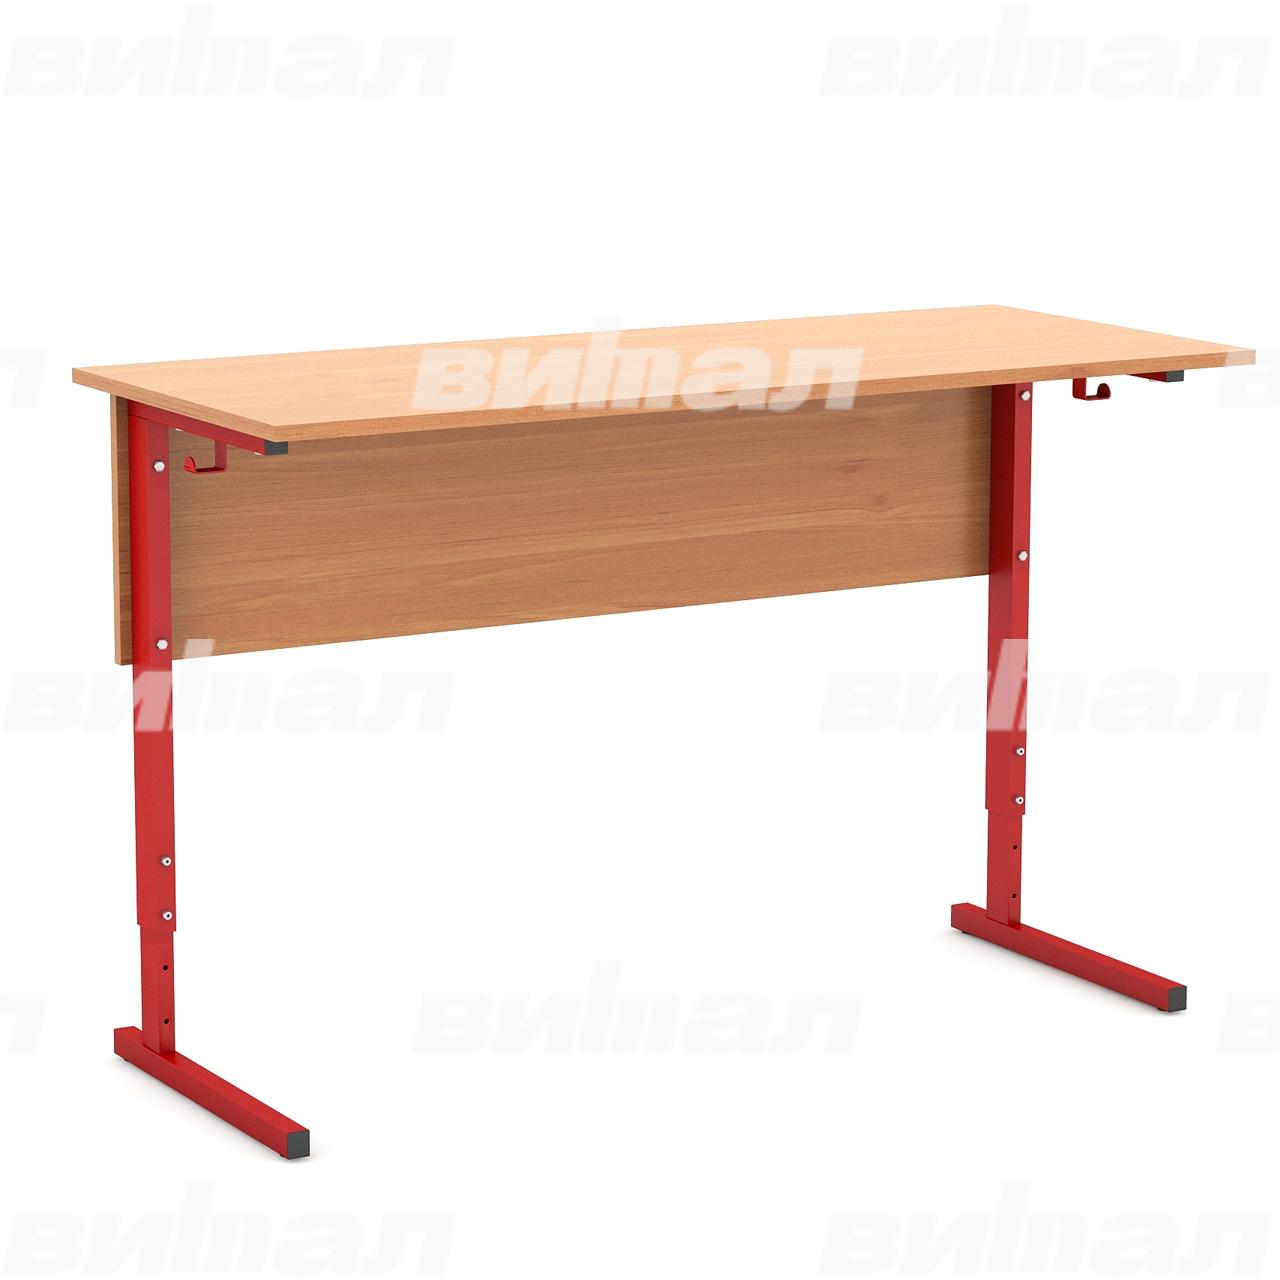 Стол ученический 2-местный регулируемый (гр. 2-4, 3-5 или 4-6) красный Ольха 2-4 Меламин